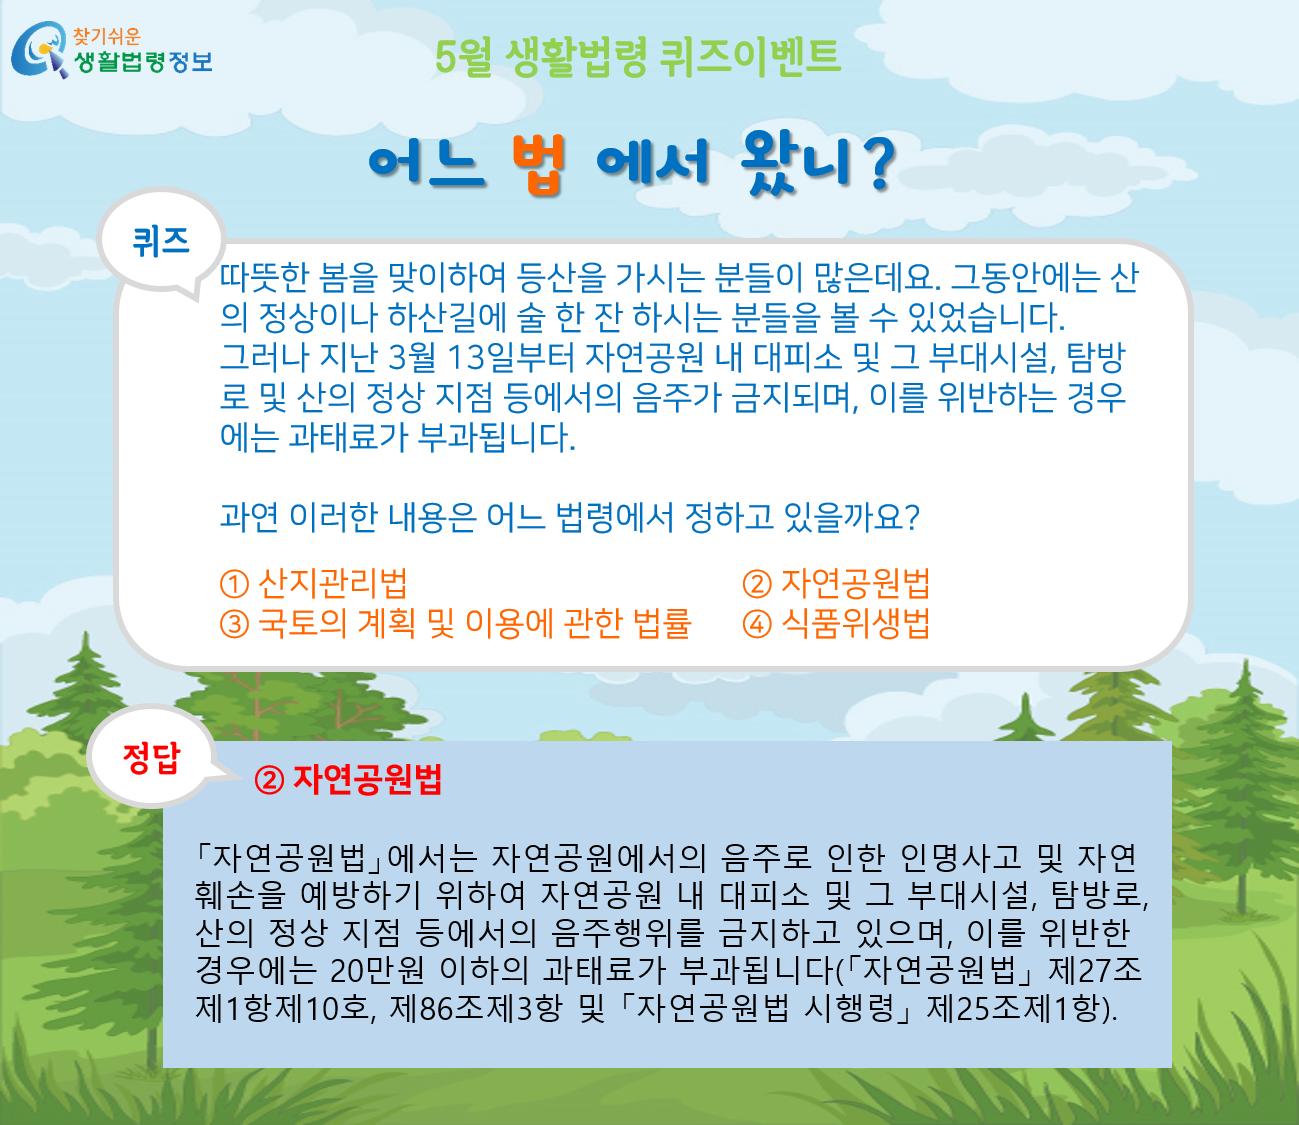 생활법령 5월 퀴즈 이벤트 정답 및 관련 법령 설명